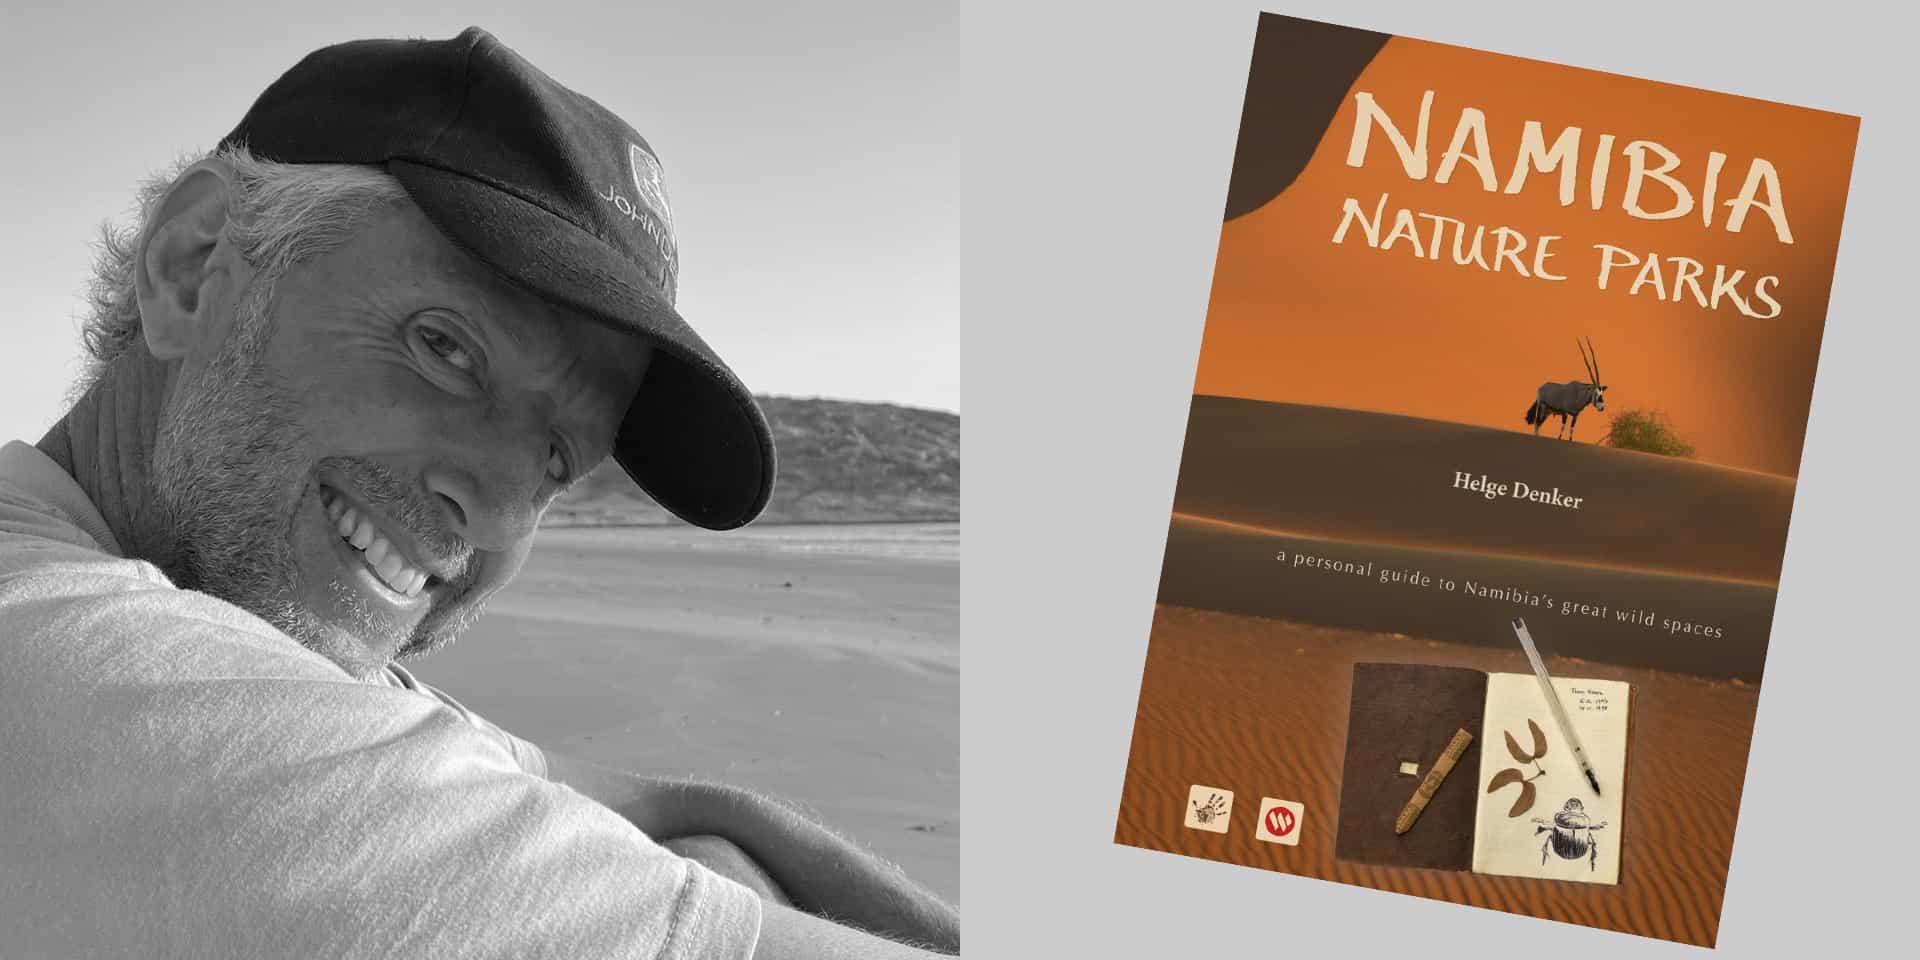 Helge Denker: Namibia Nature Parks